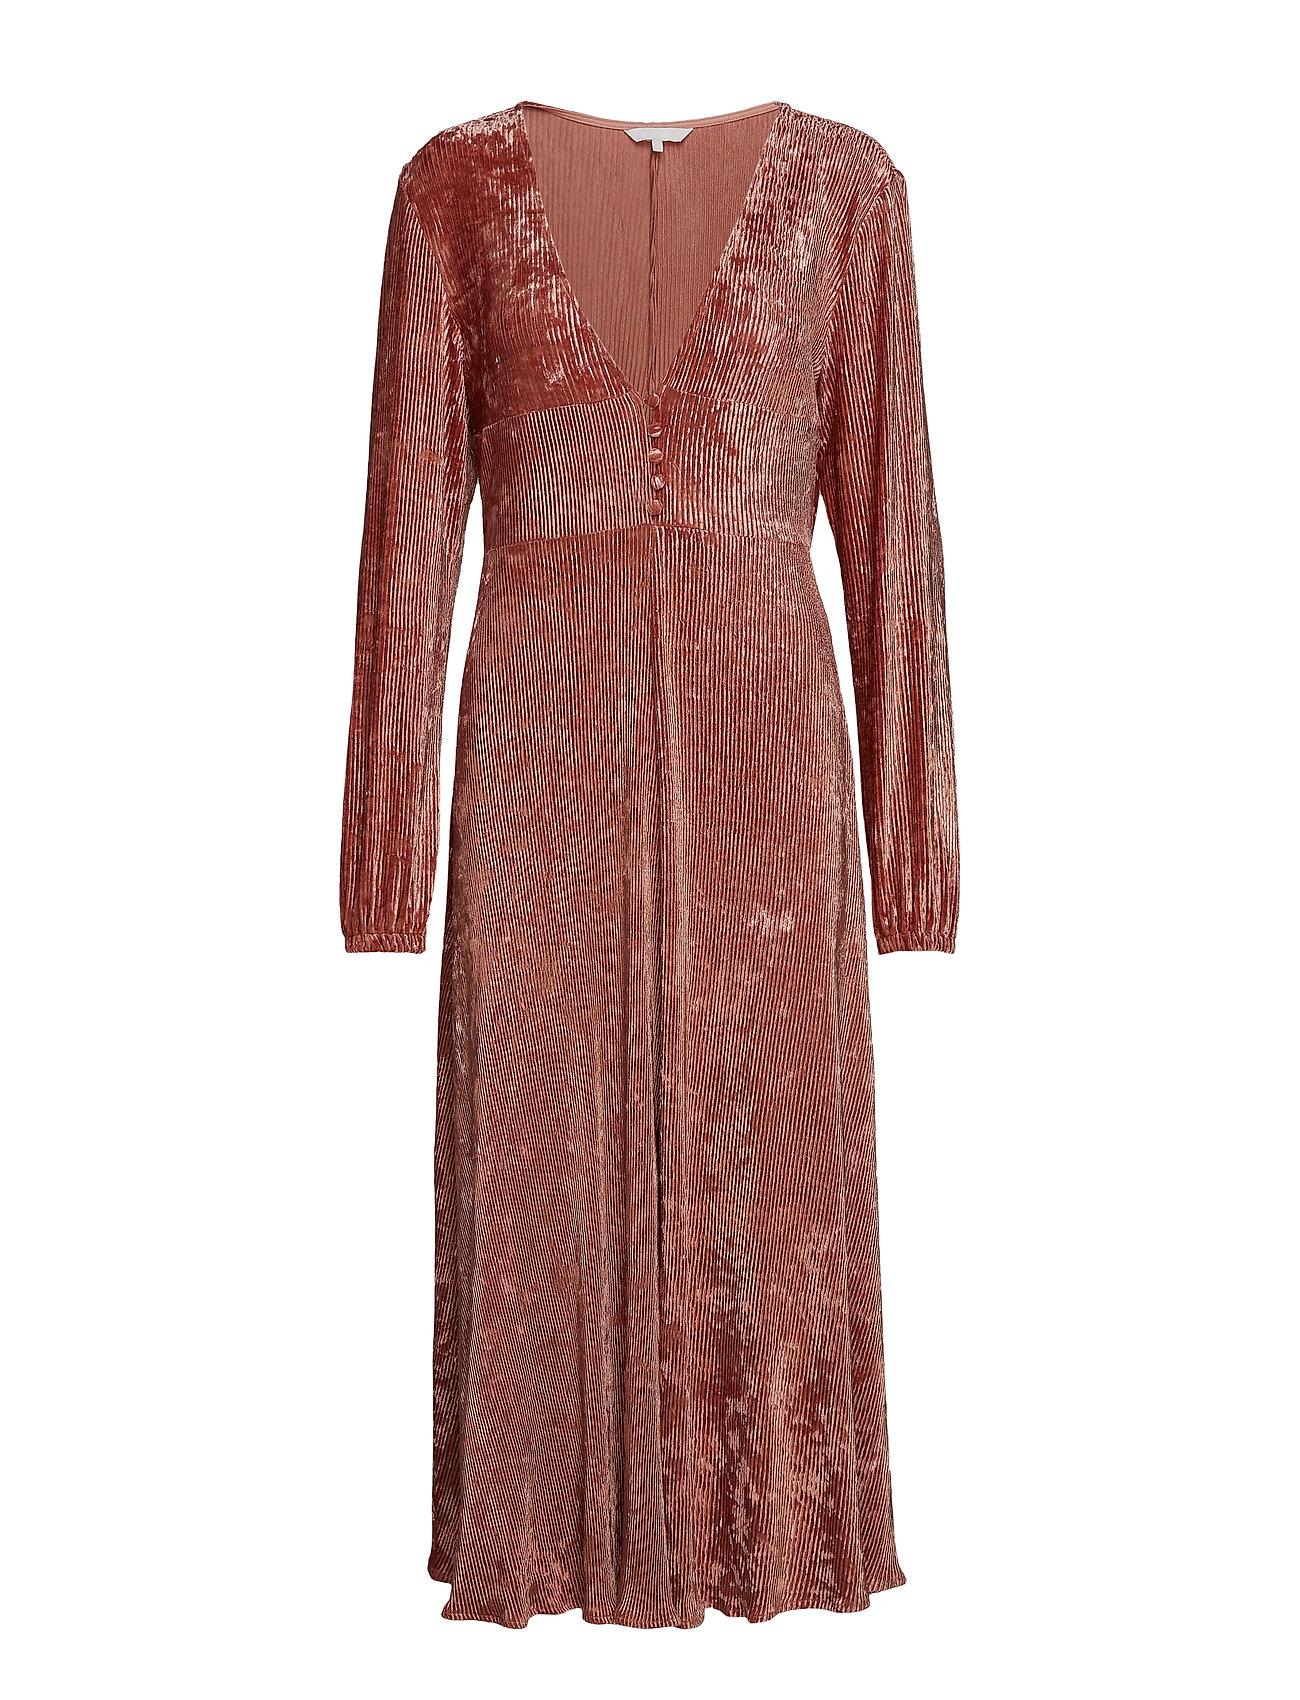 Aéryne Lilou dress - ROSE GRIS